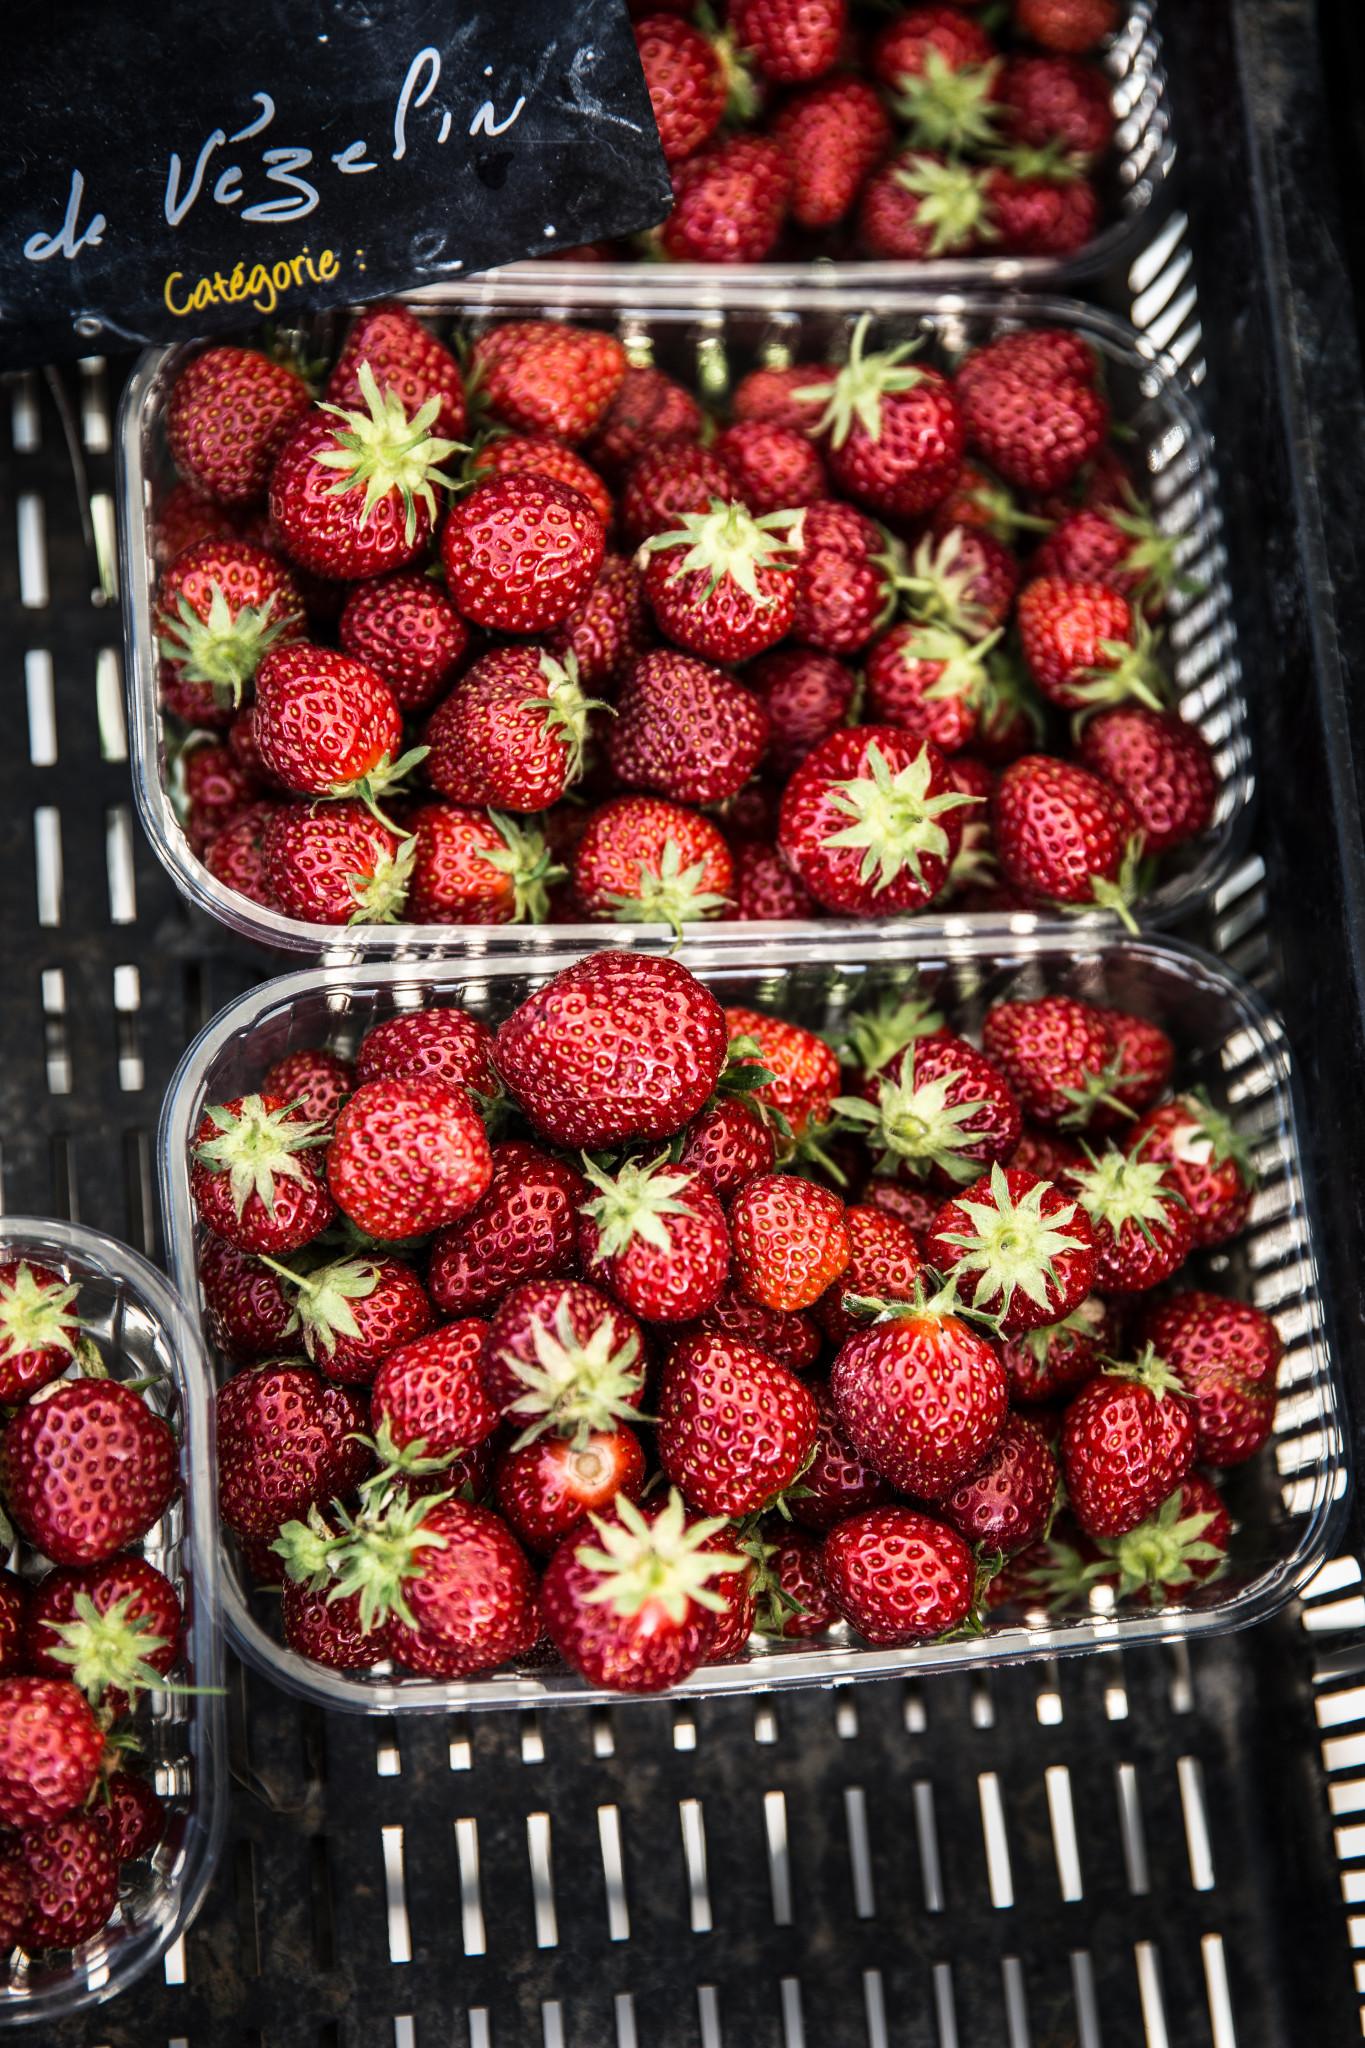 Marché montbrison fraises (1 sur 1)